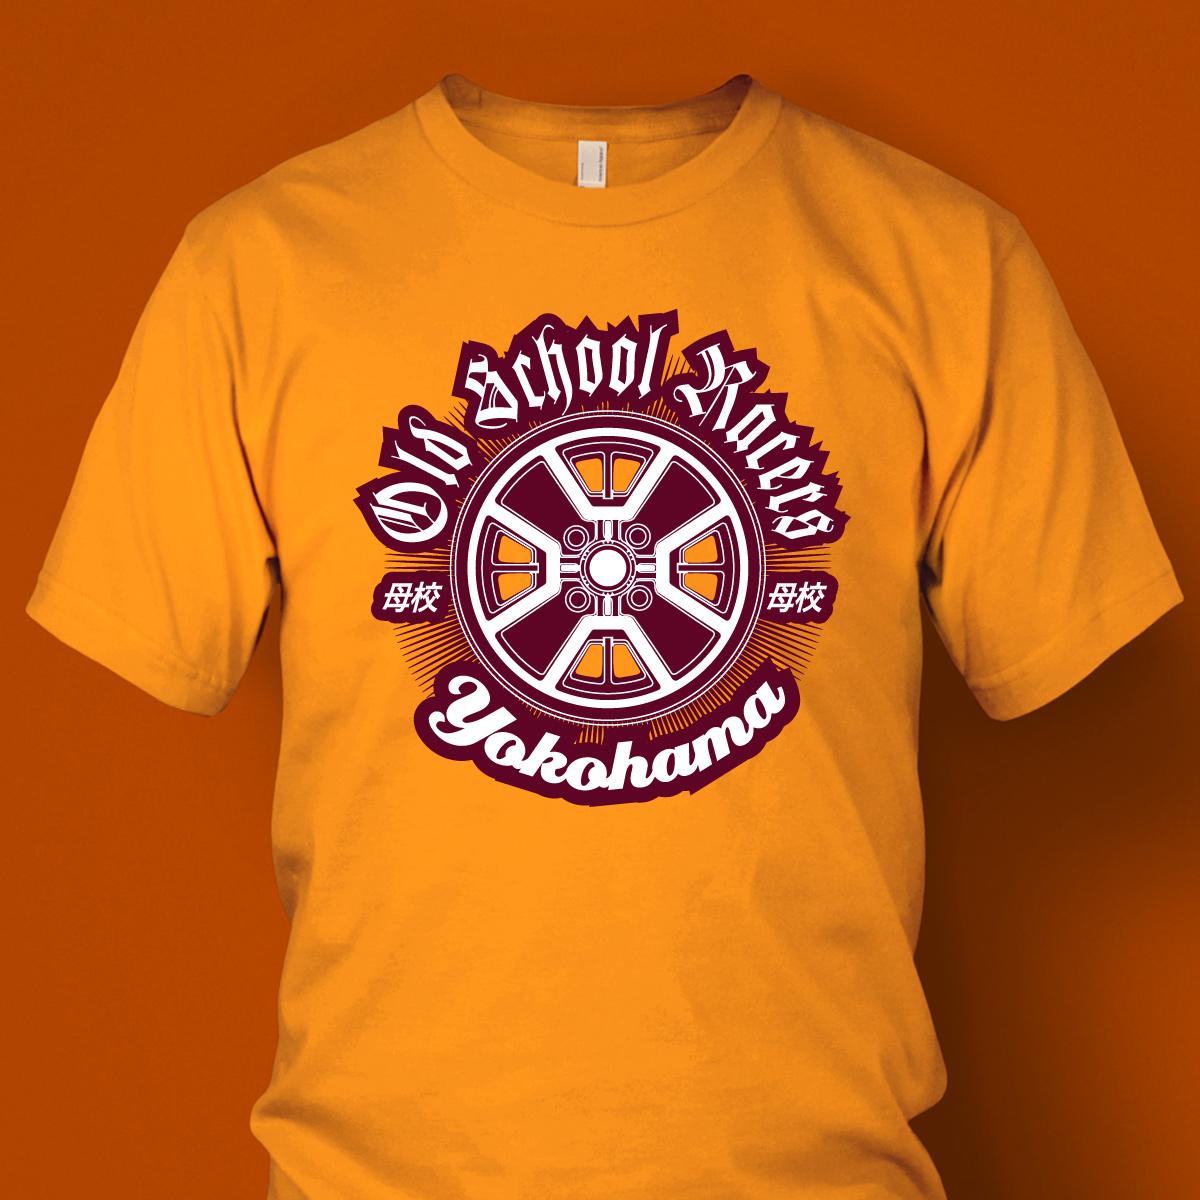 Tshirt design - A Car Club Tshirt Designed By Intrepid